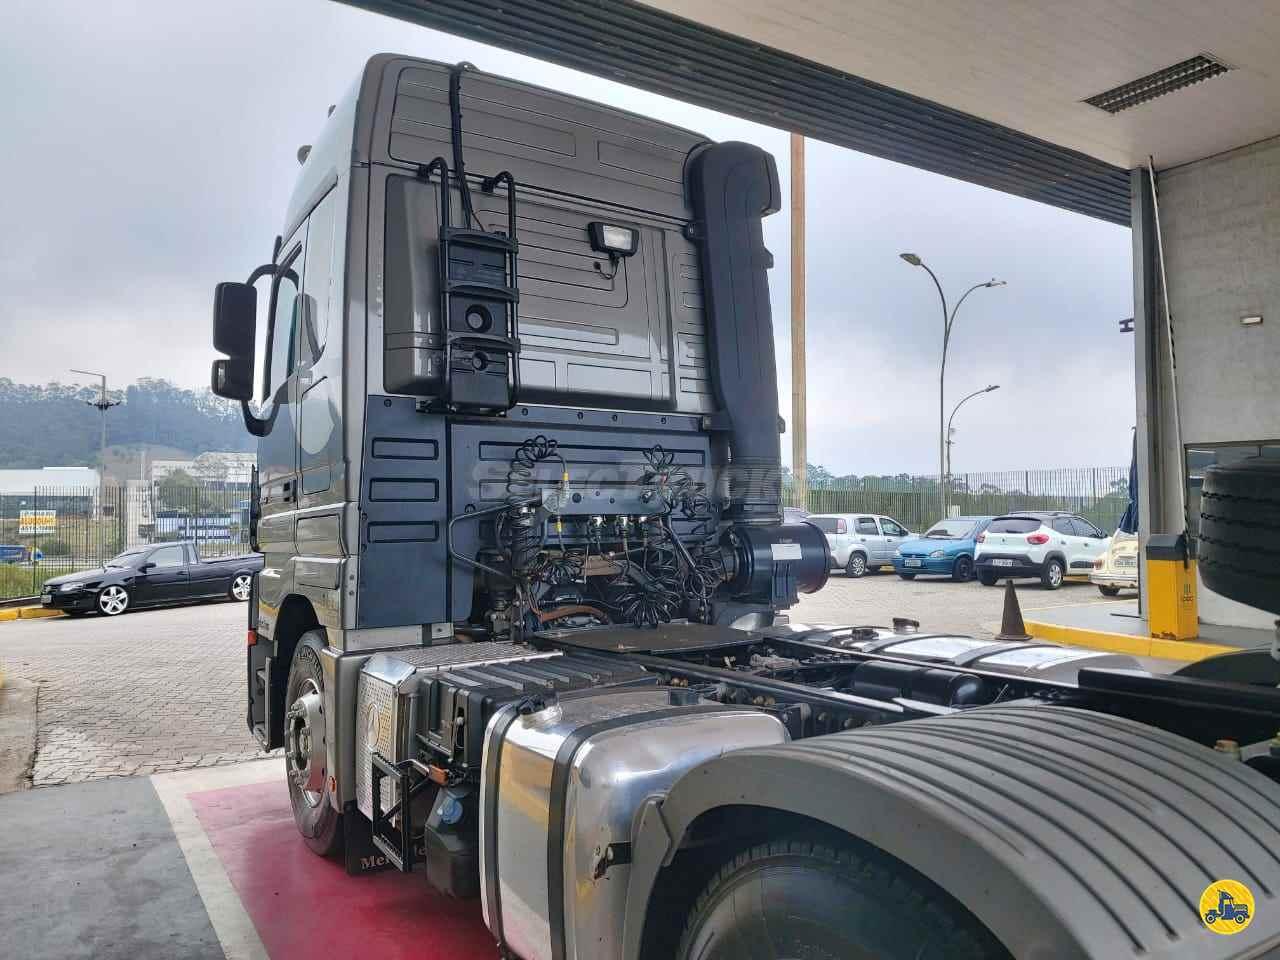 MERCEDES-BENZ MB 2651 193517km 2019/2019 SelecTrucks - Mauá SP - Matriz